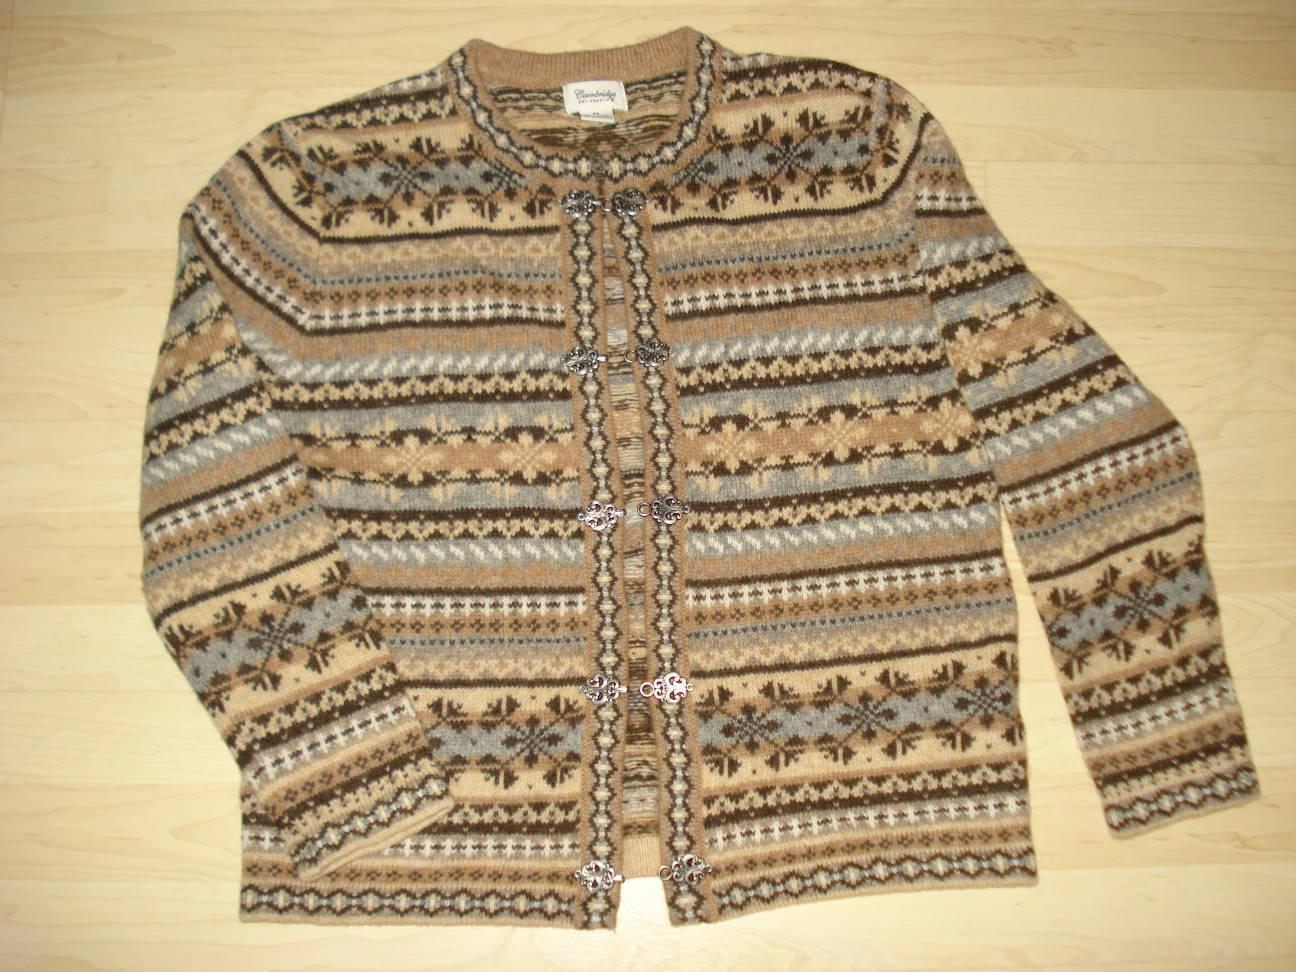 Wear the Sweater